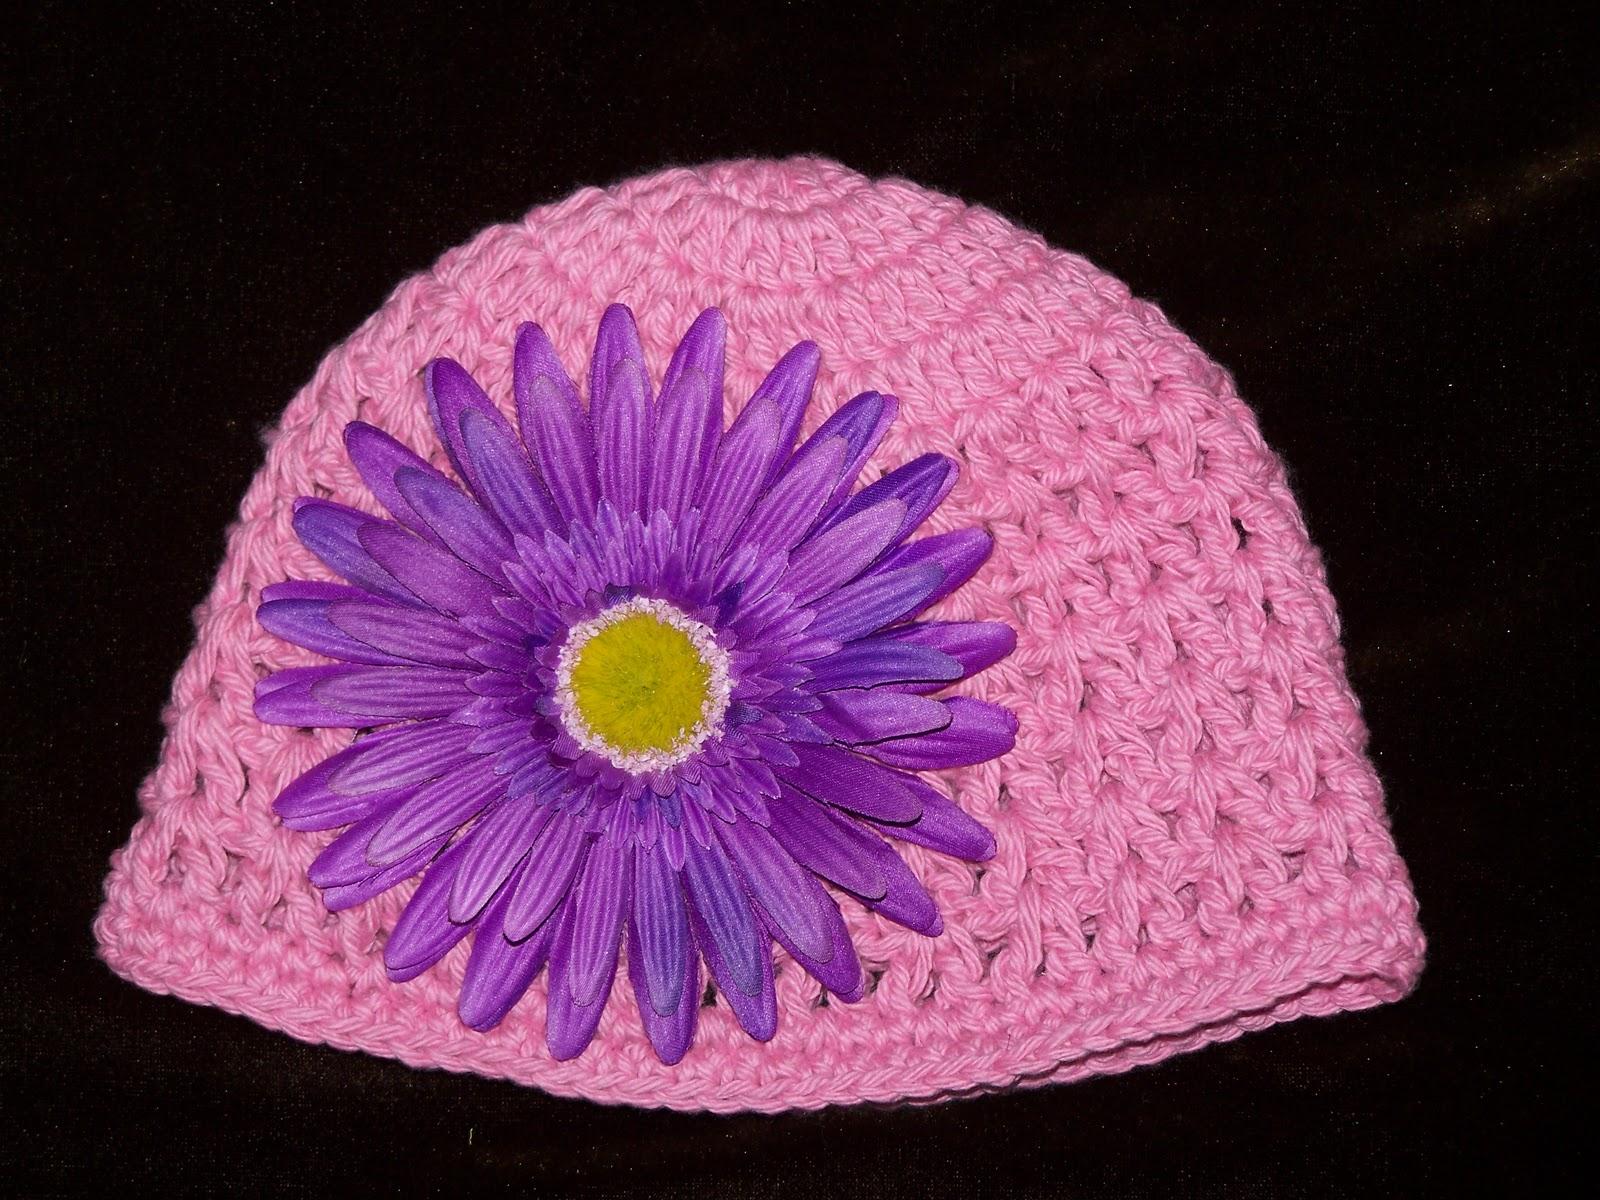 http://1.bp.blogspot.com/_tLuFoAVVEhw/S9xuZMD9fKI/AAAAAAAAASw/z19nB5Iae0o/s1600/pink+hat+purple+flower.jpg